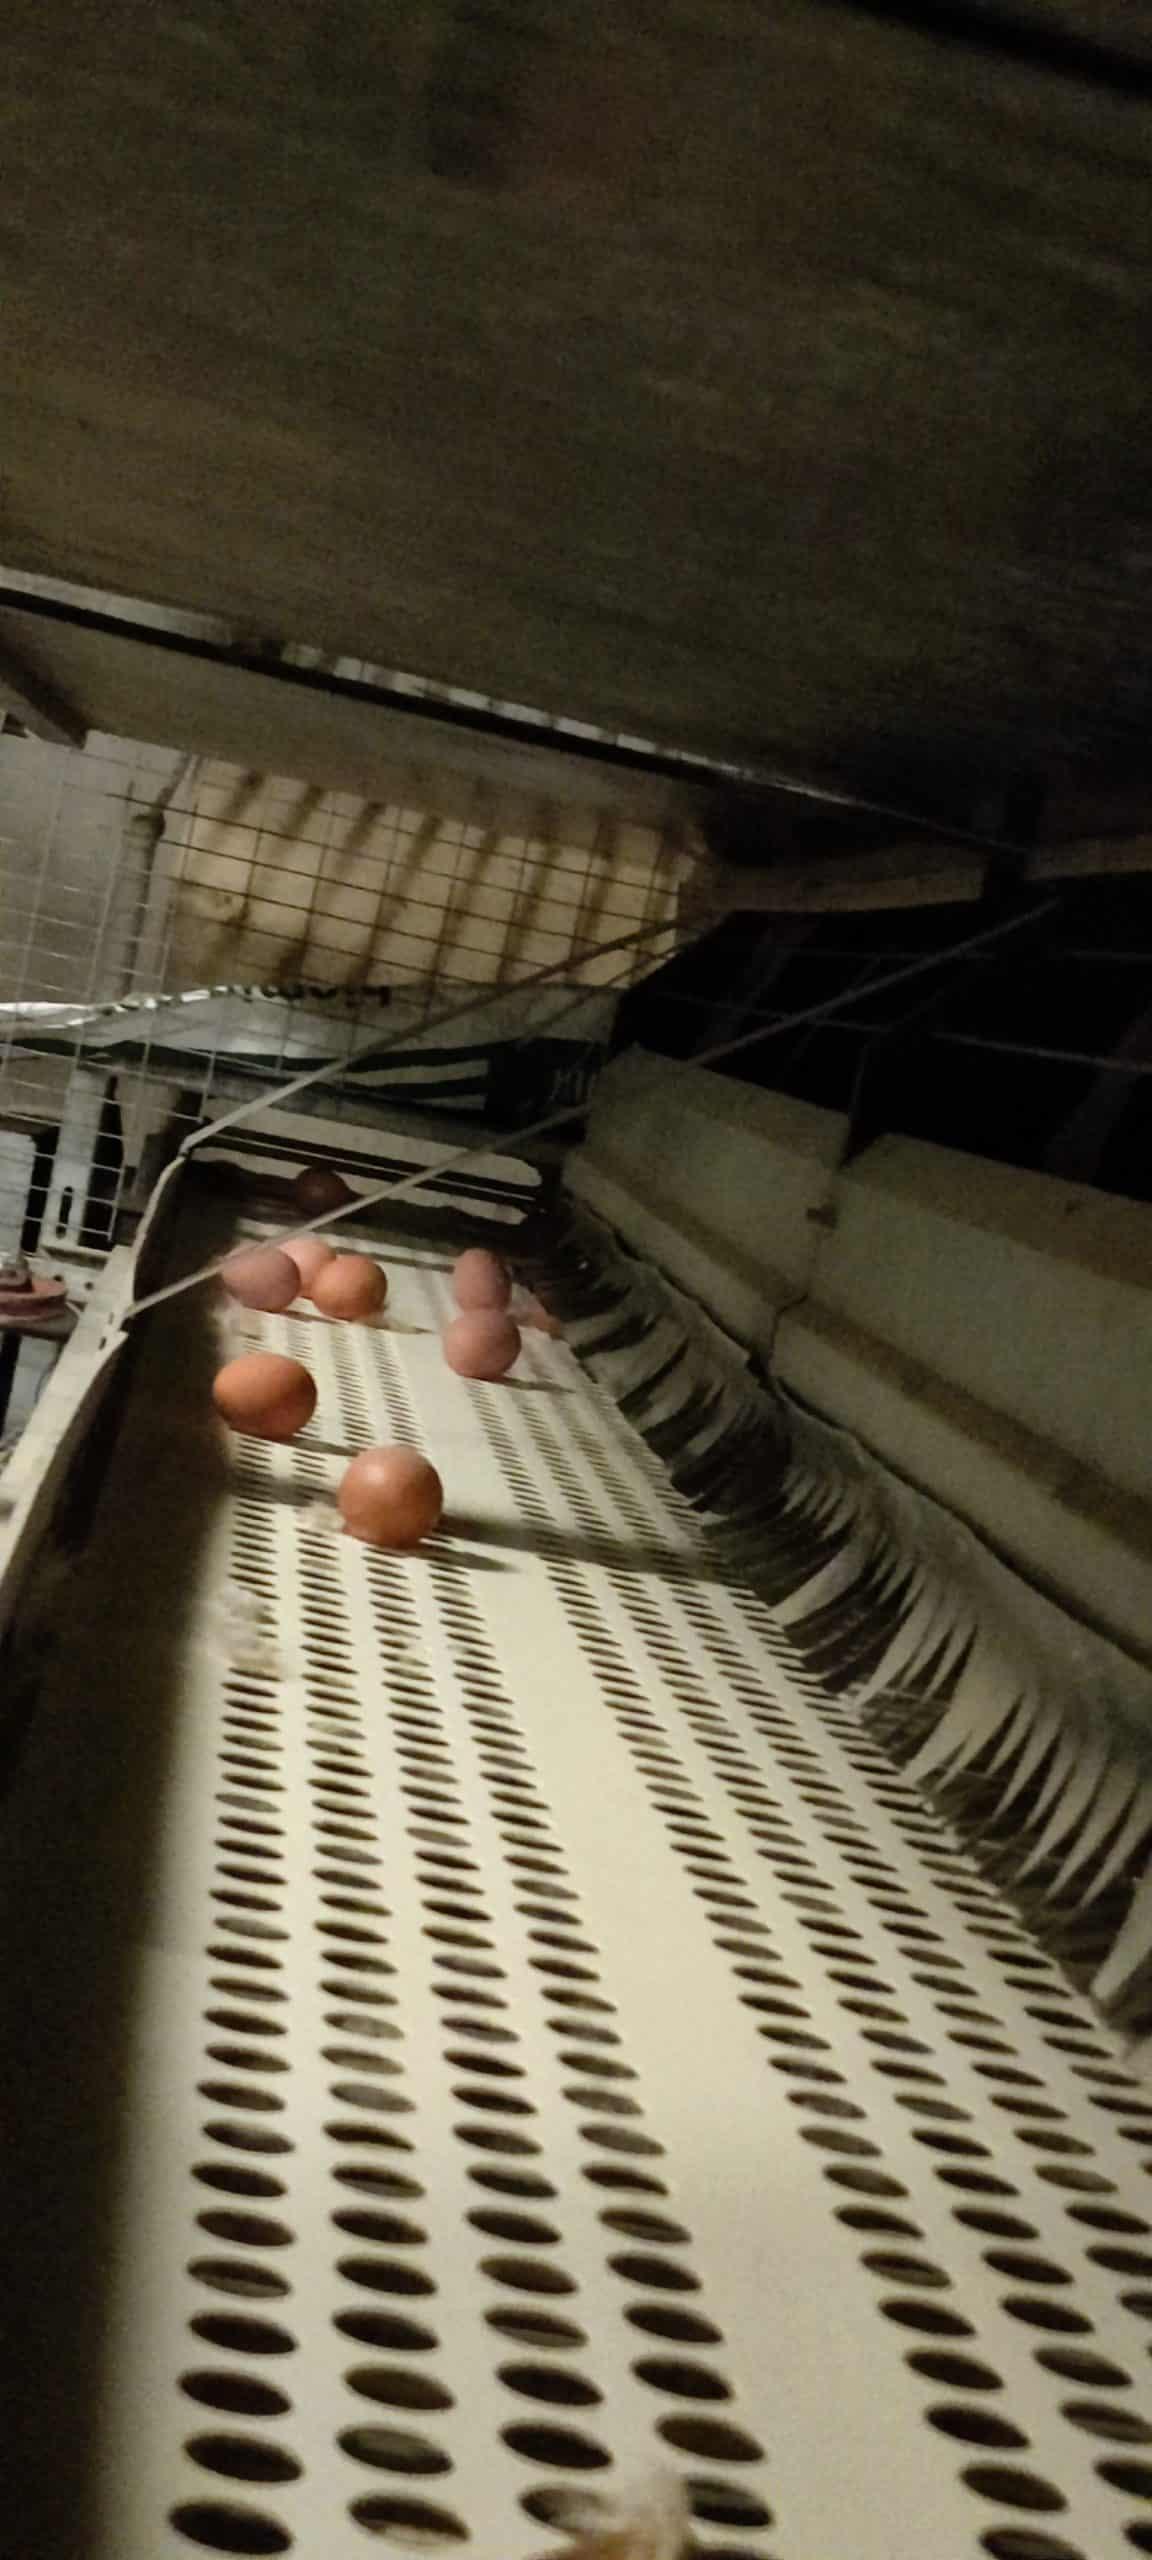 Abrollband der Eier hinter den Legebereichen